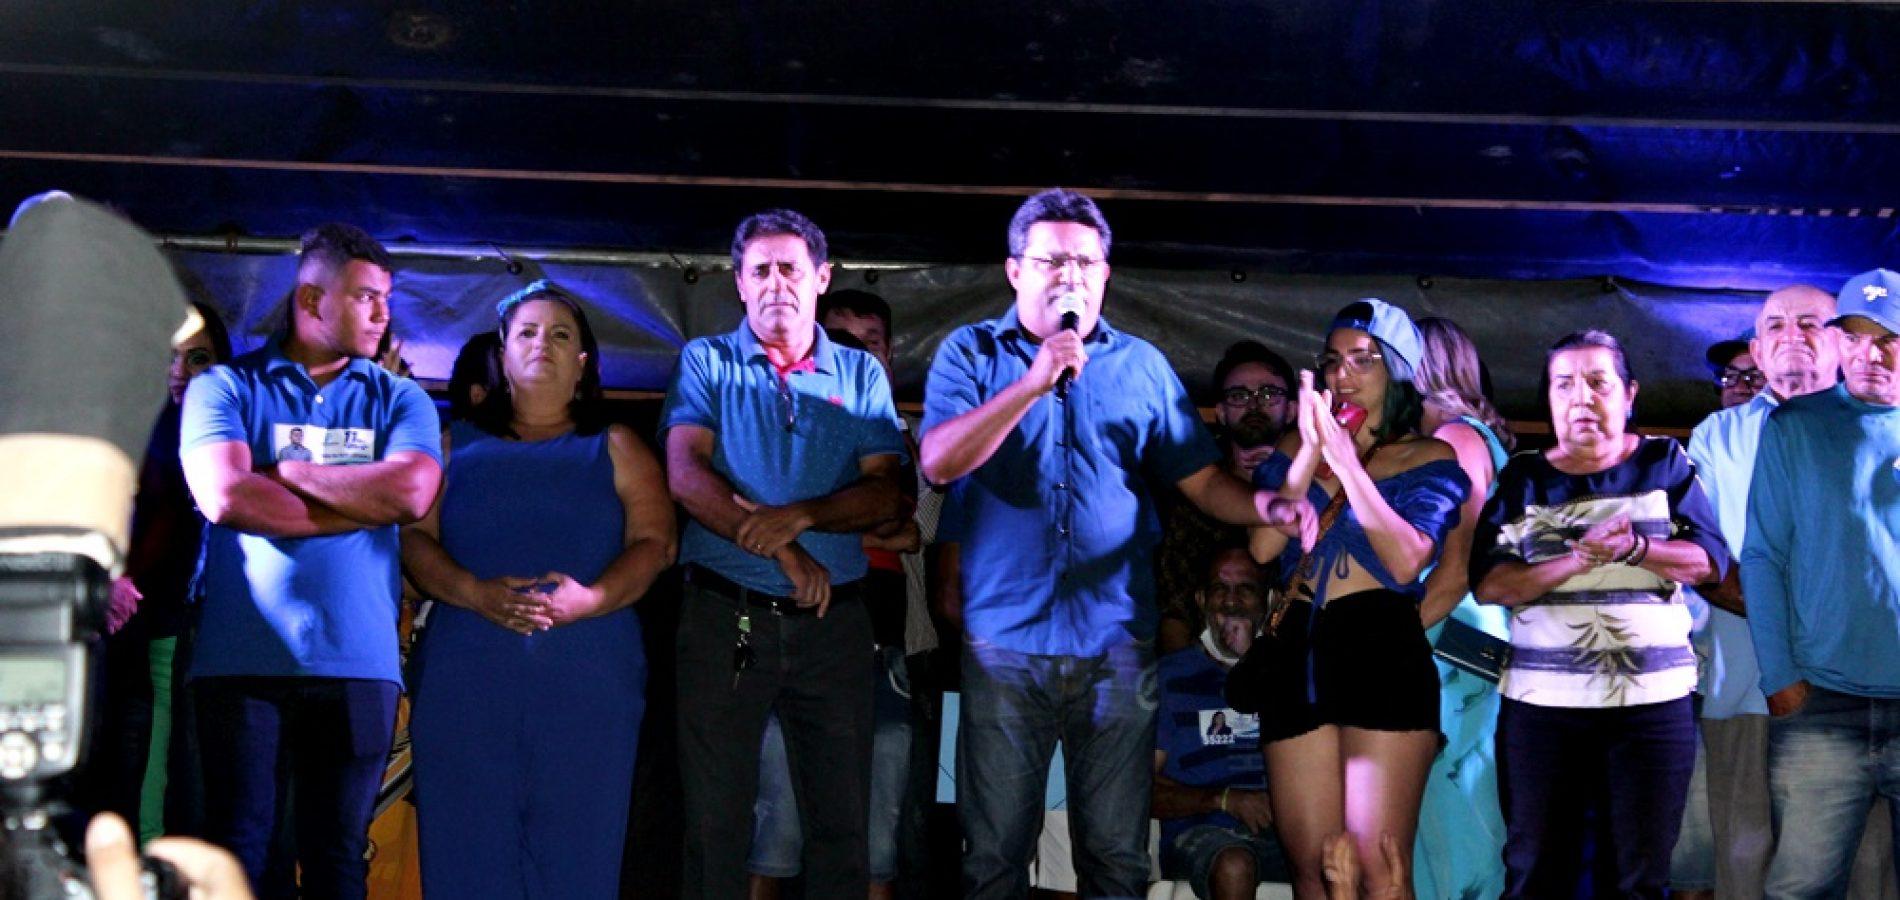 Inauguração de comitê e carreata marcam campanha de Dr. Corinto Matos e Valmir de Juracy em Marcolândia; veja fotos